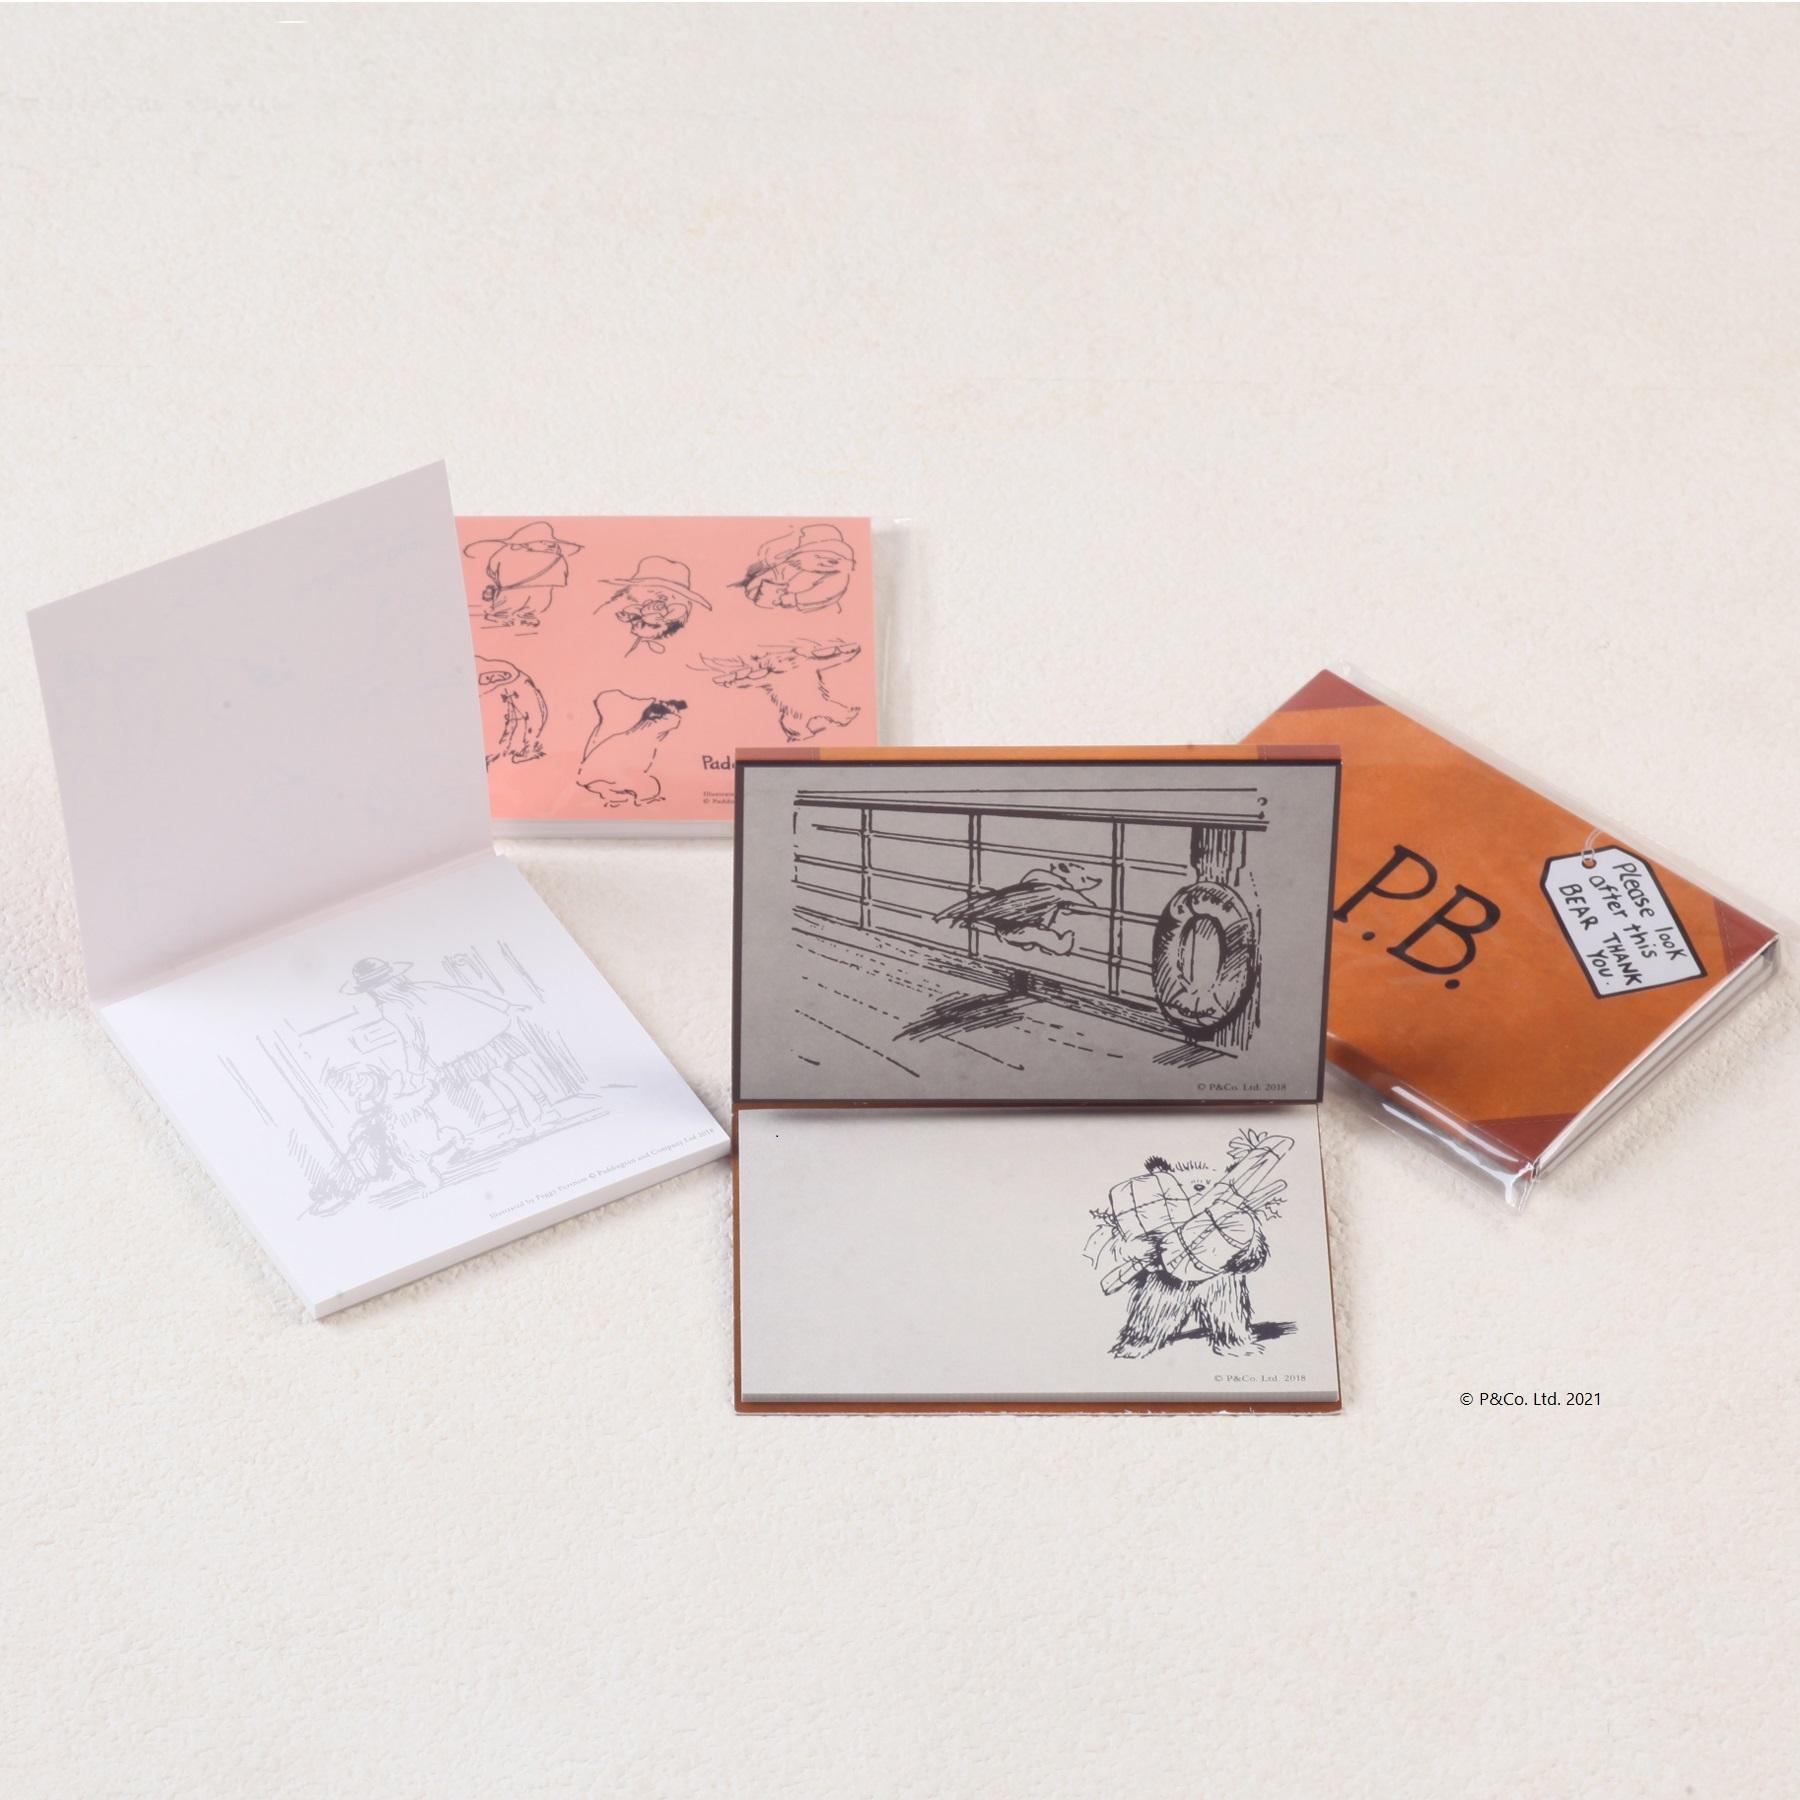 「くまのパディントン™展」展覧会オリジナルの付箋・メモパッドセット